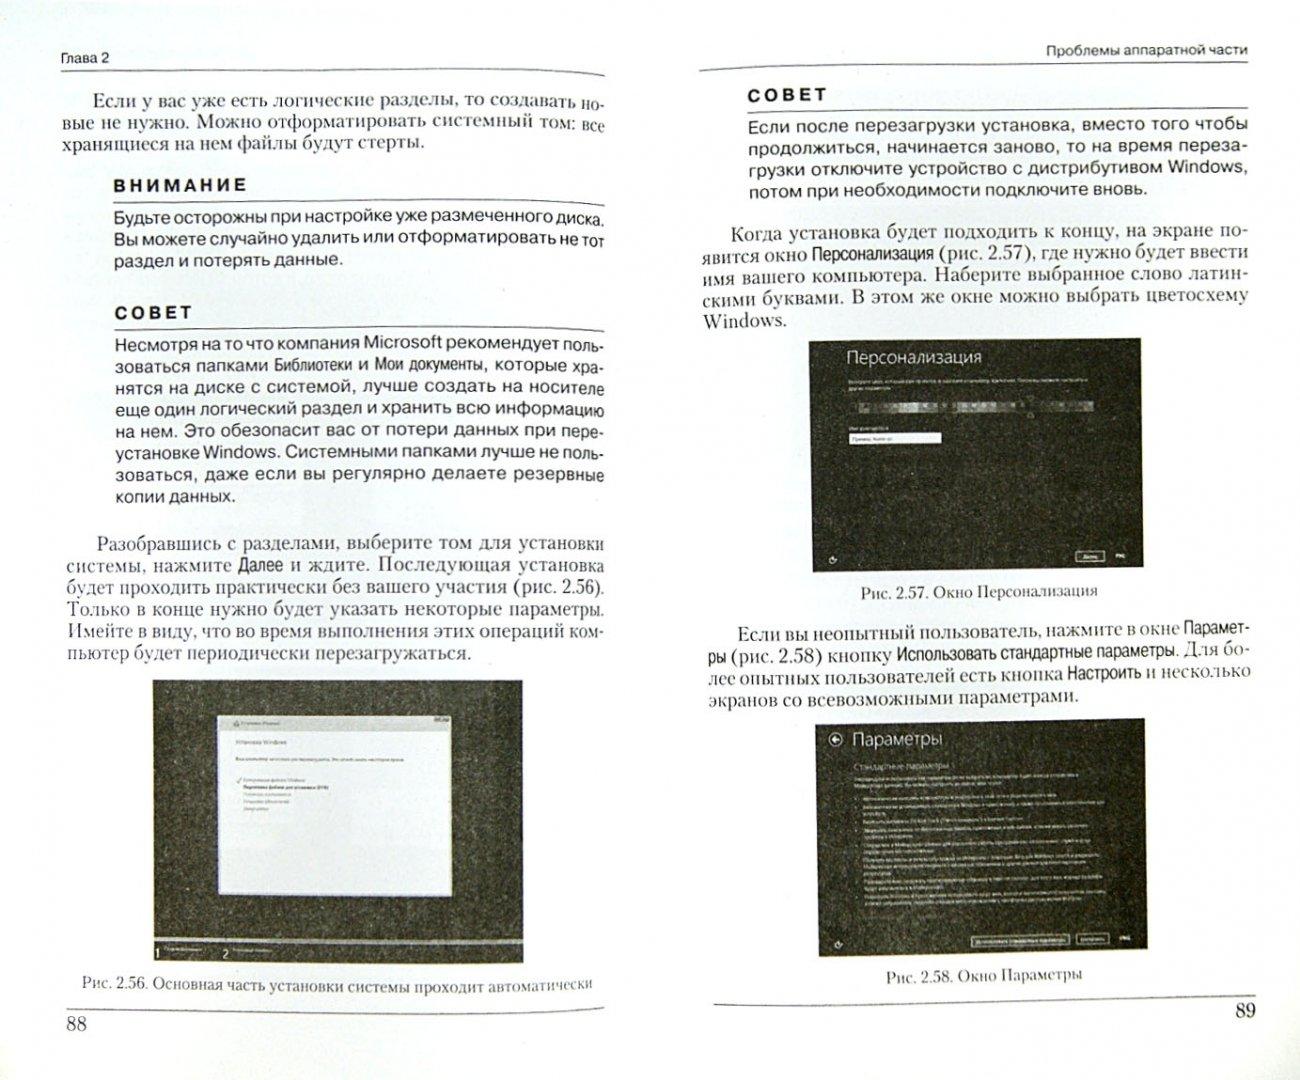 Иллюстрация 1 из 11 для Как правильно пользоваться компьютером - Кирилл Шагаков | Лабиринт - книги. Источник: Лабиринт